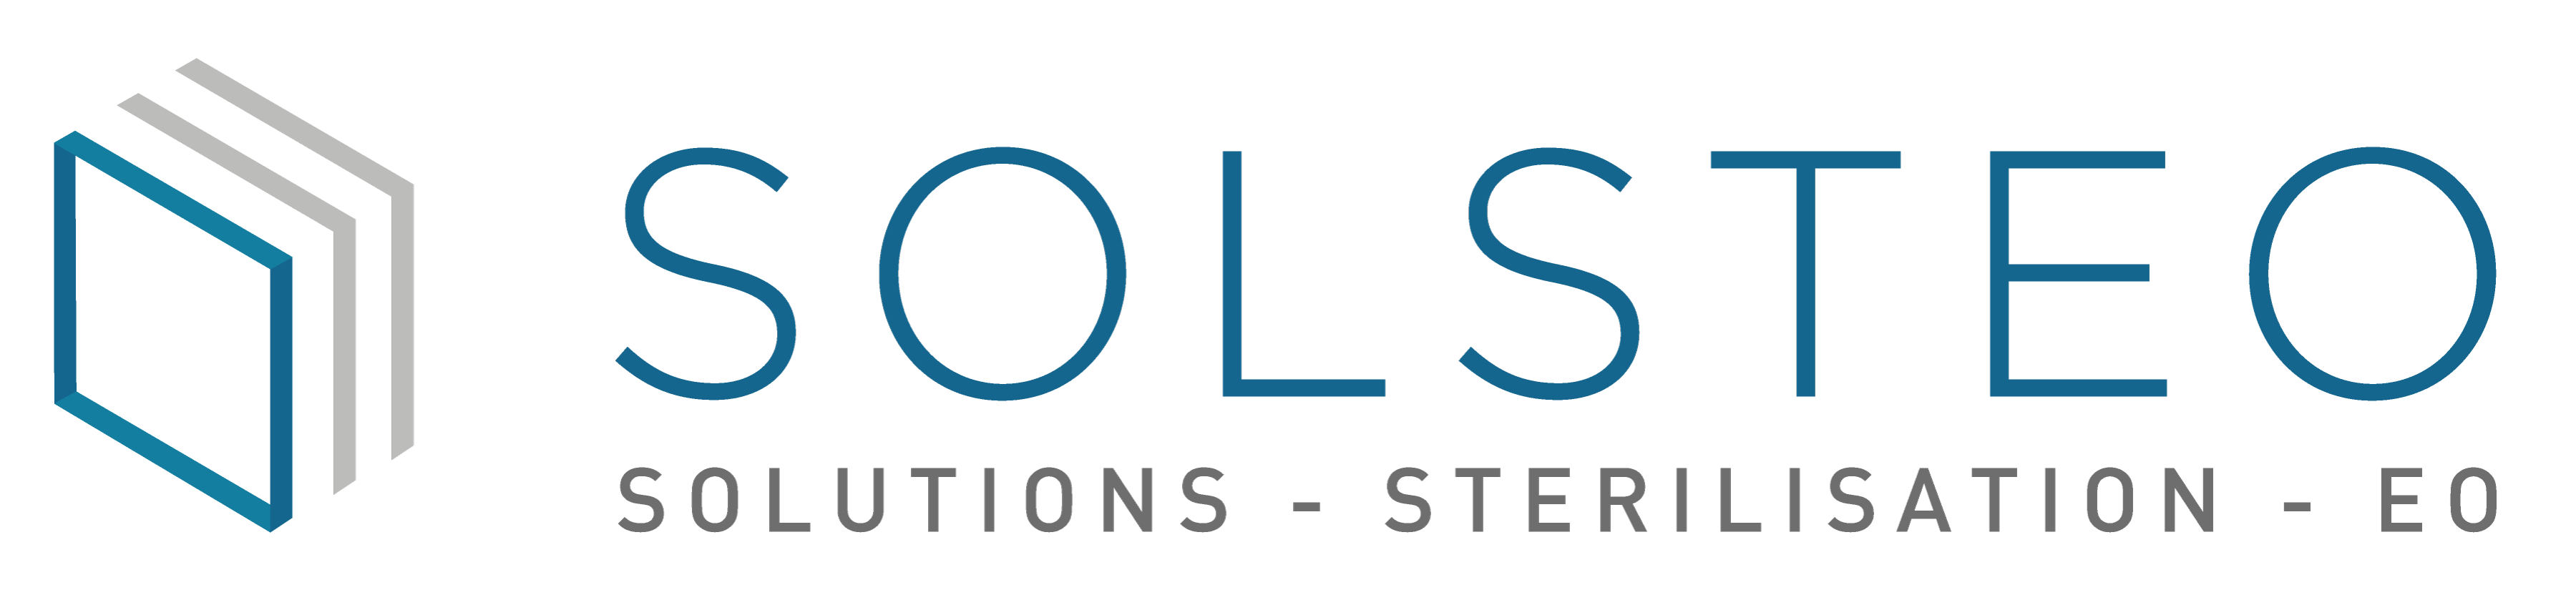 SOLSTEO - solutions de stérilisation à l'oxyde d'éthylène